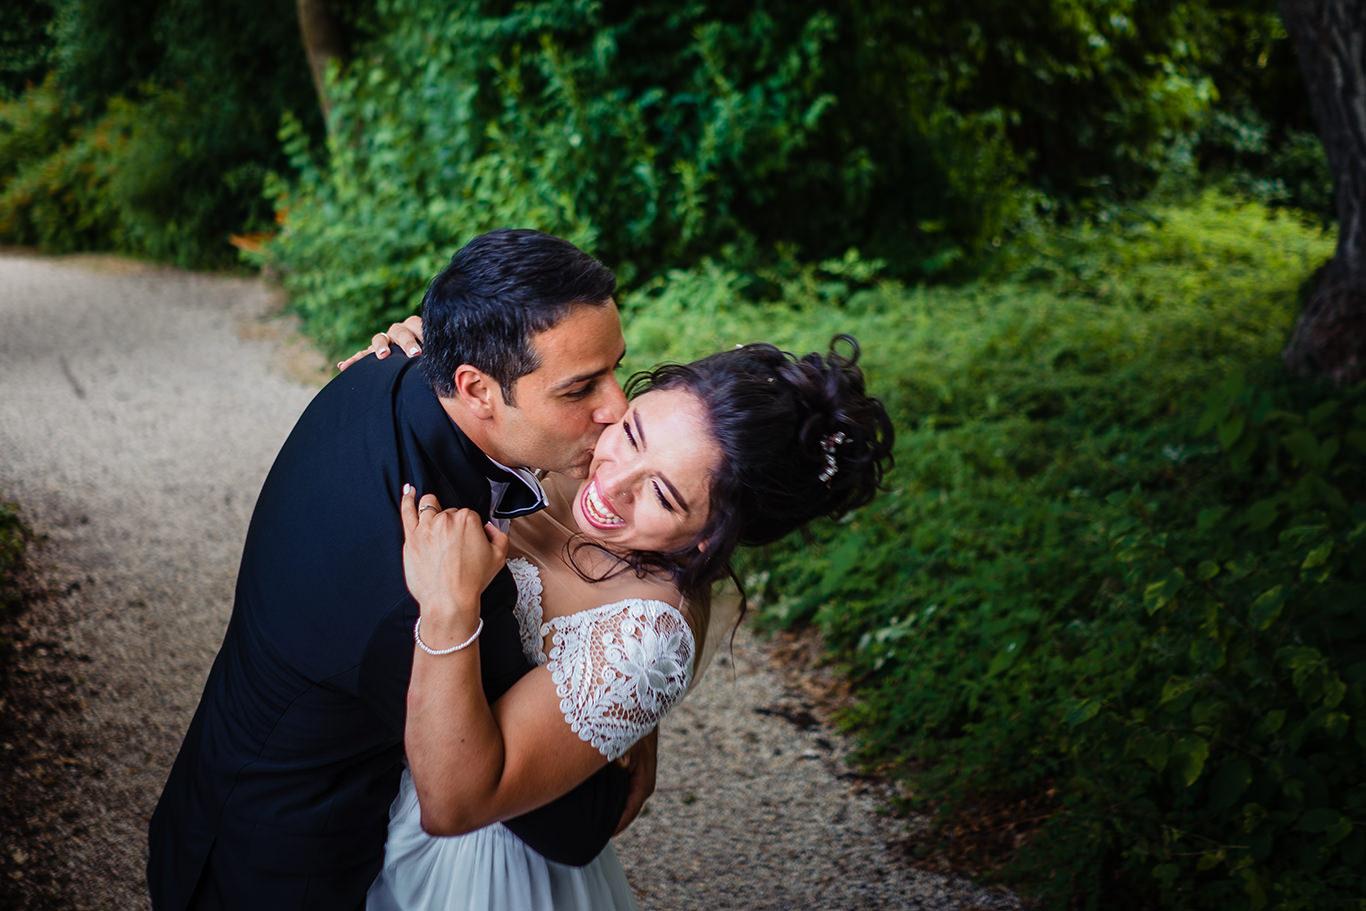 Dragoste cu gura pana la urechi - fotograf nunta Munchen